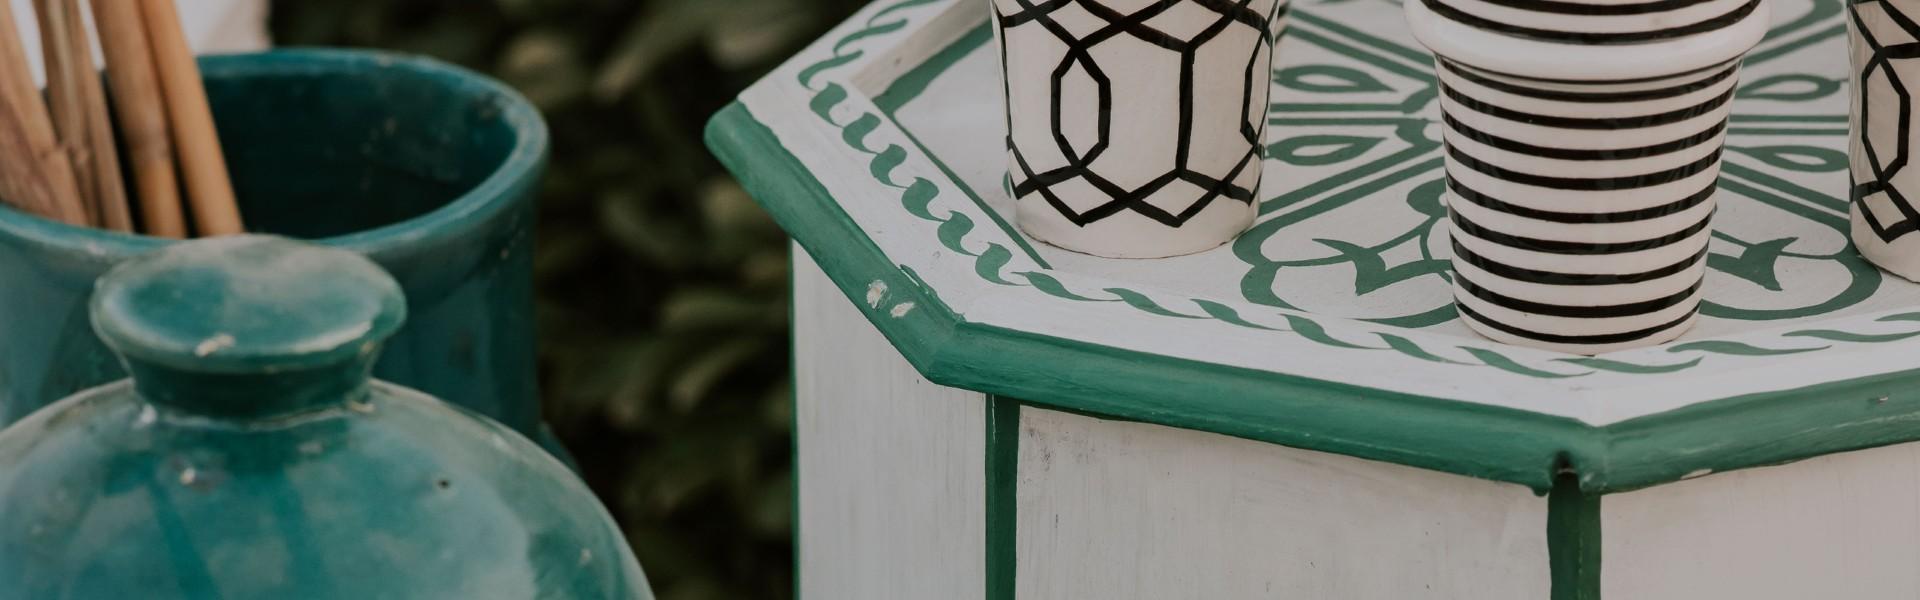 רהיטים מצוירים - פנטזיה מרוקאית